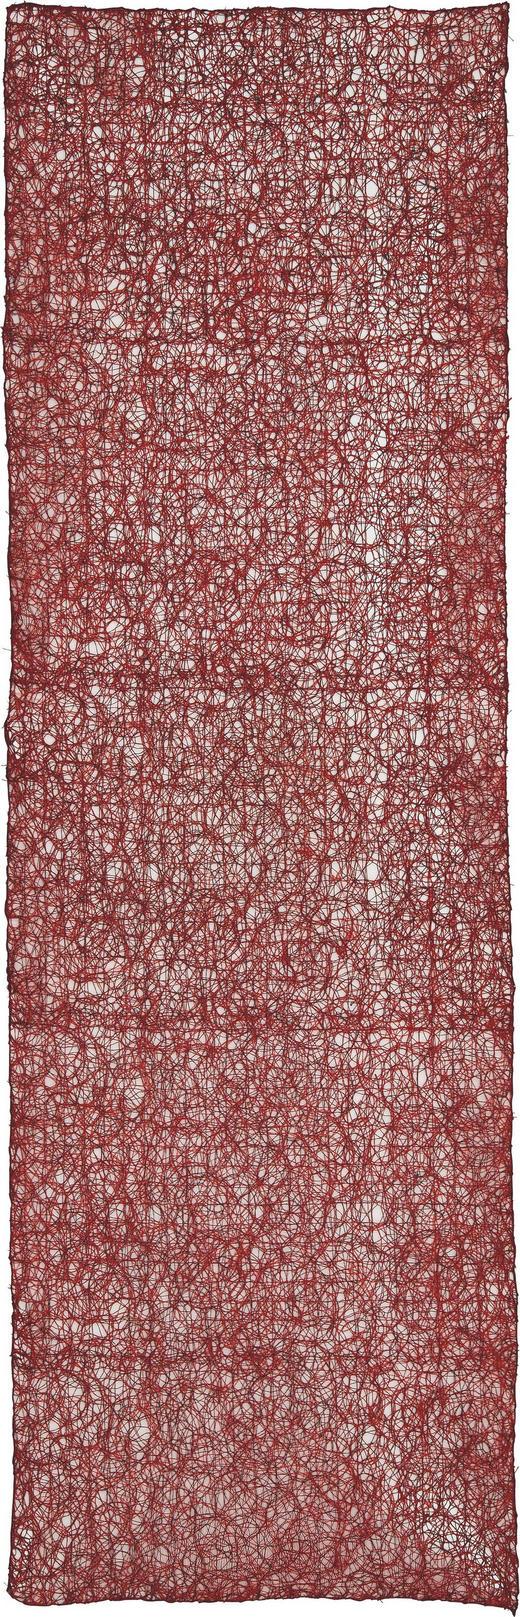 TISCHLÄUFER Textil Bordeaux 45/140 cm - Bordeaux, KONVENTIONELL, Textil (45/140cm)